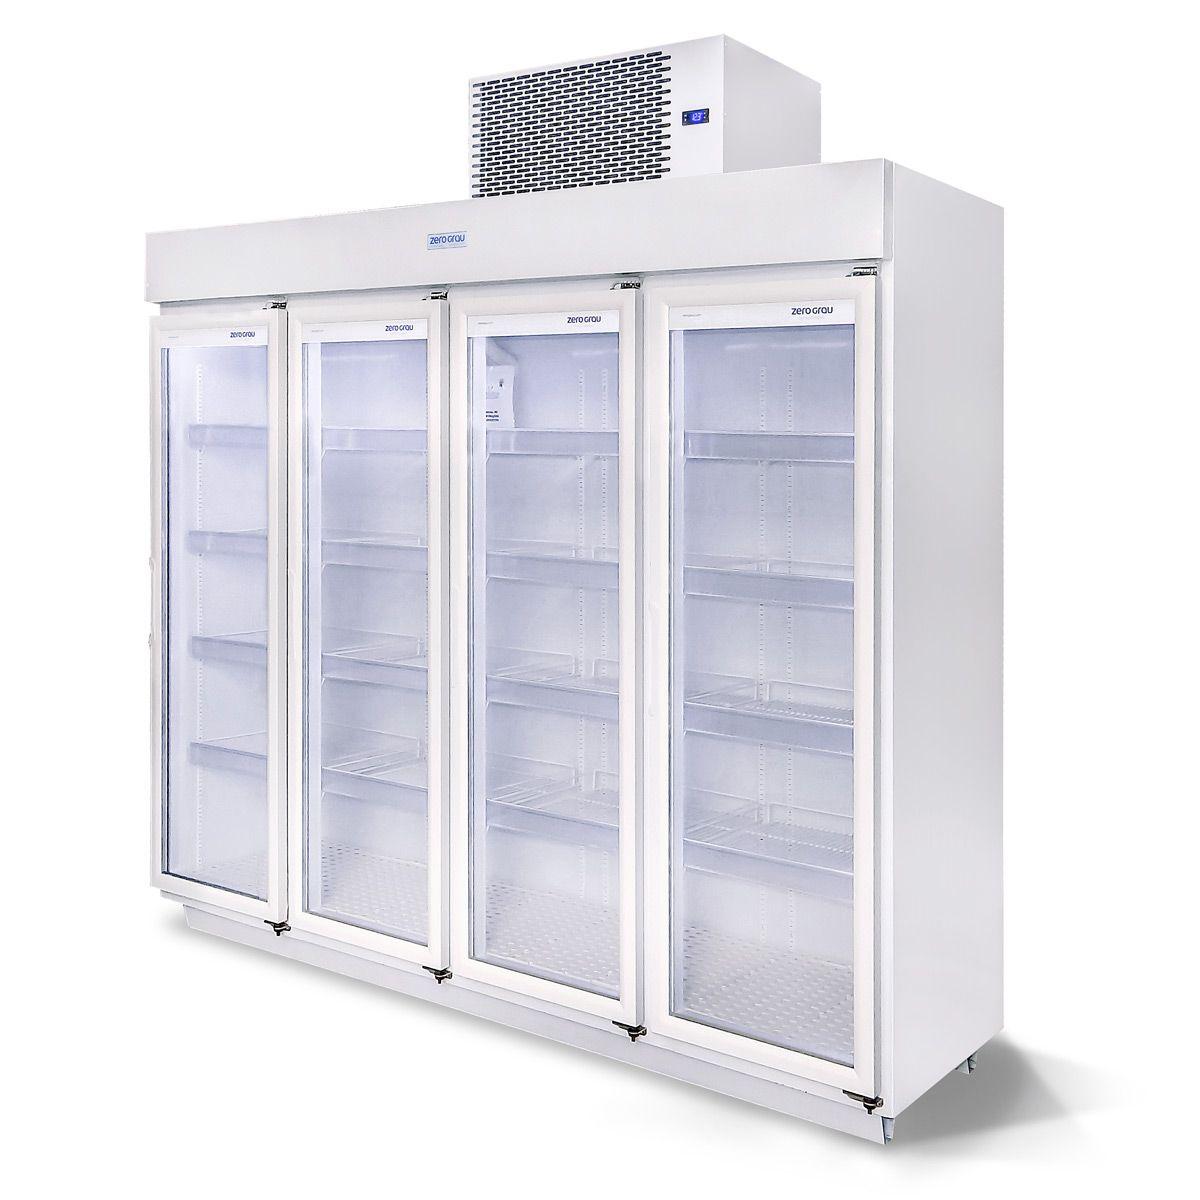 Expositor 2150 Litros 4 Portas para Resfriados Até - 7 Graus